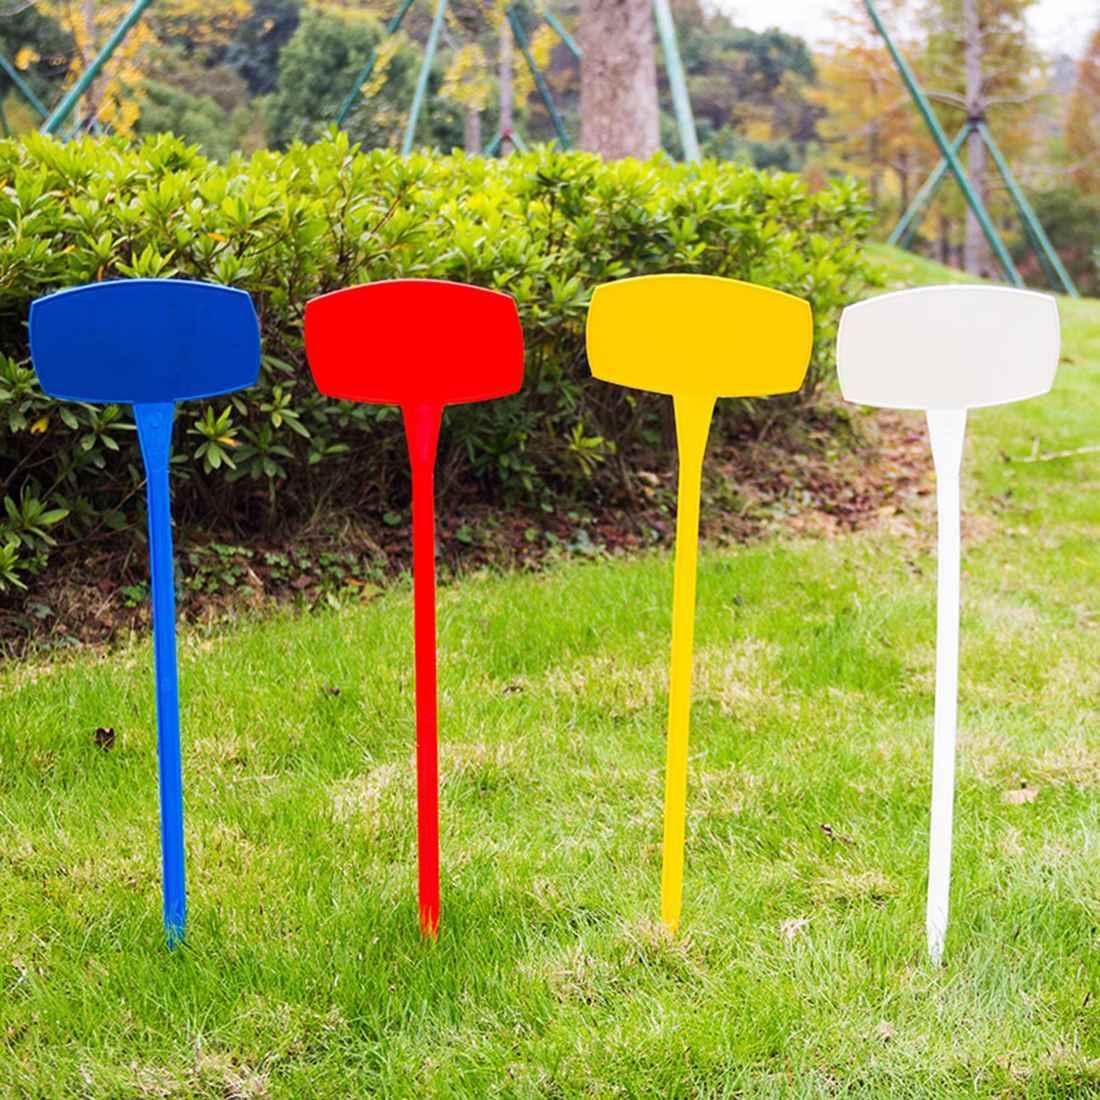 10 Uds. 30cm etiquetas de plantas hacia arriba marcadores de plantas de jardín etiquetas de vivero estacas para jardín-amarillo S